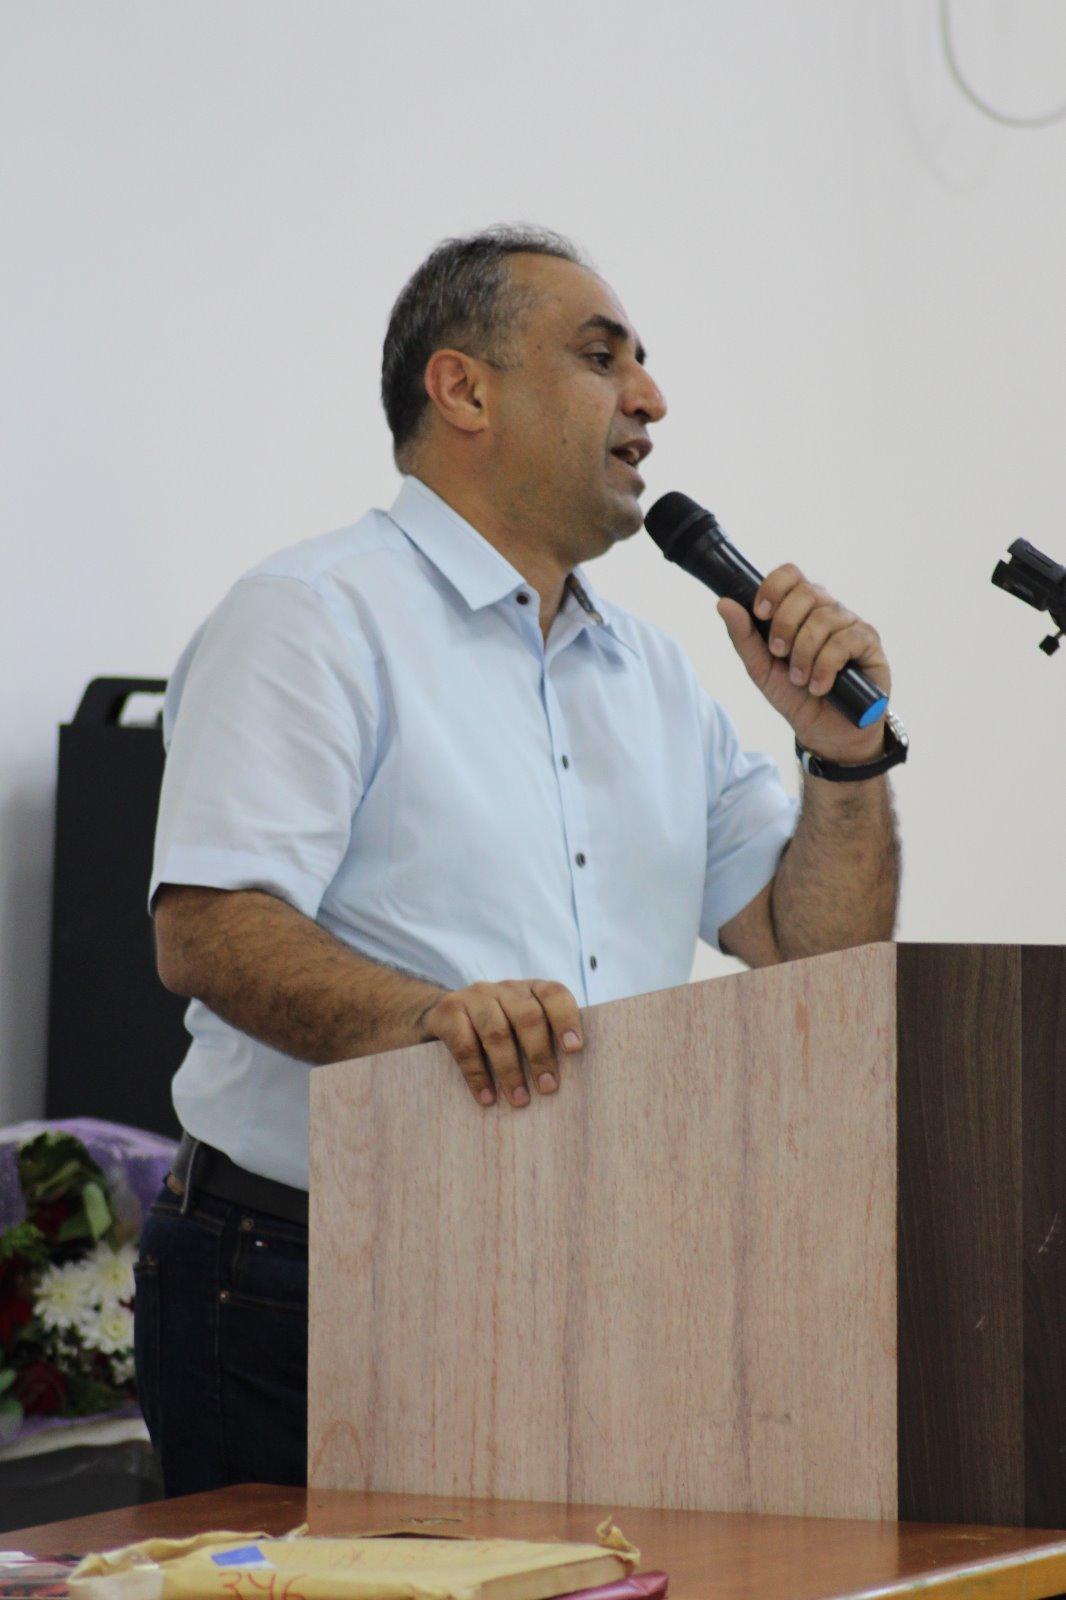 تكريم القائد والنقابي الشيوعي والجبهوي جهاد عقل في مهرجان مهيب وحاشد